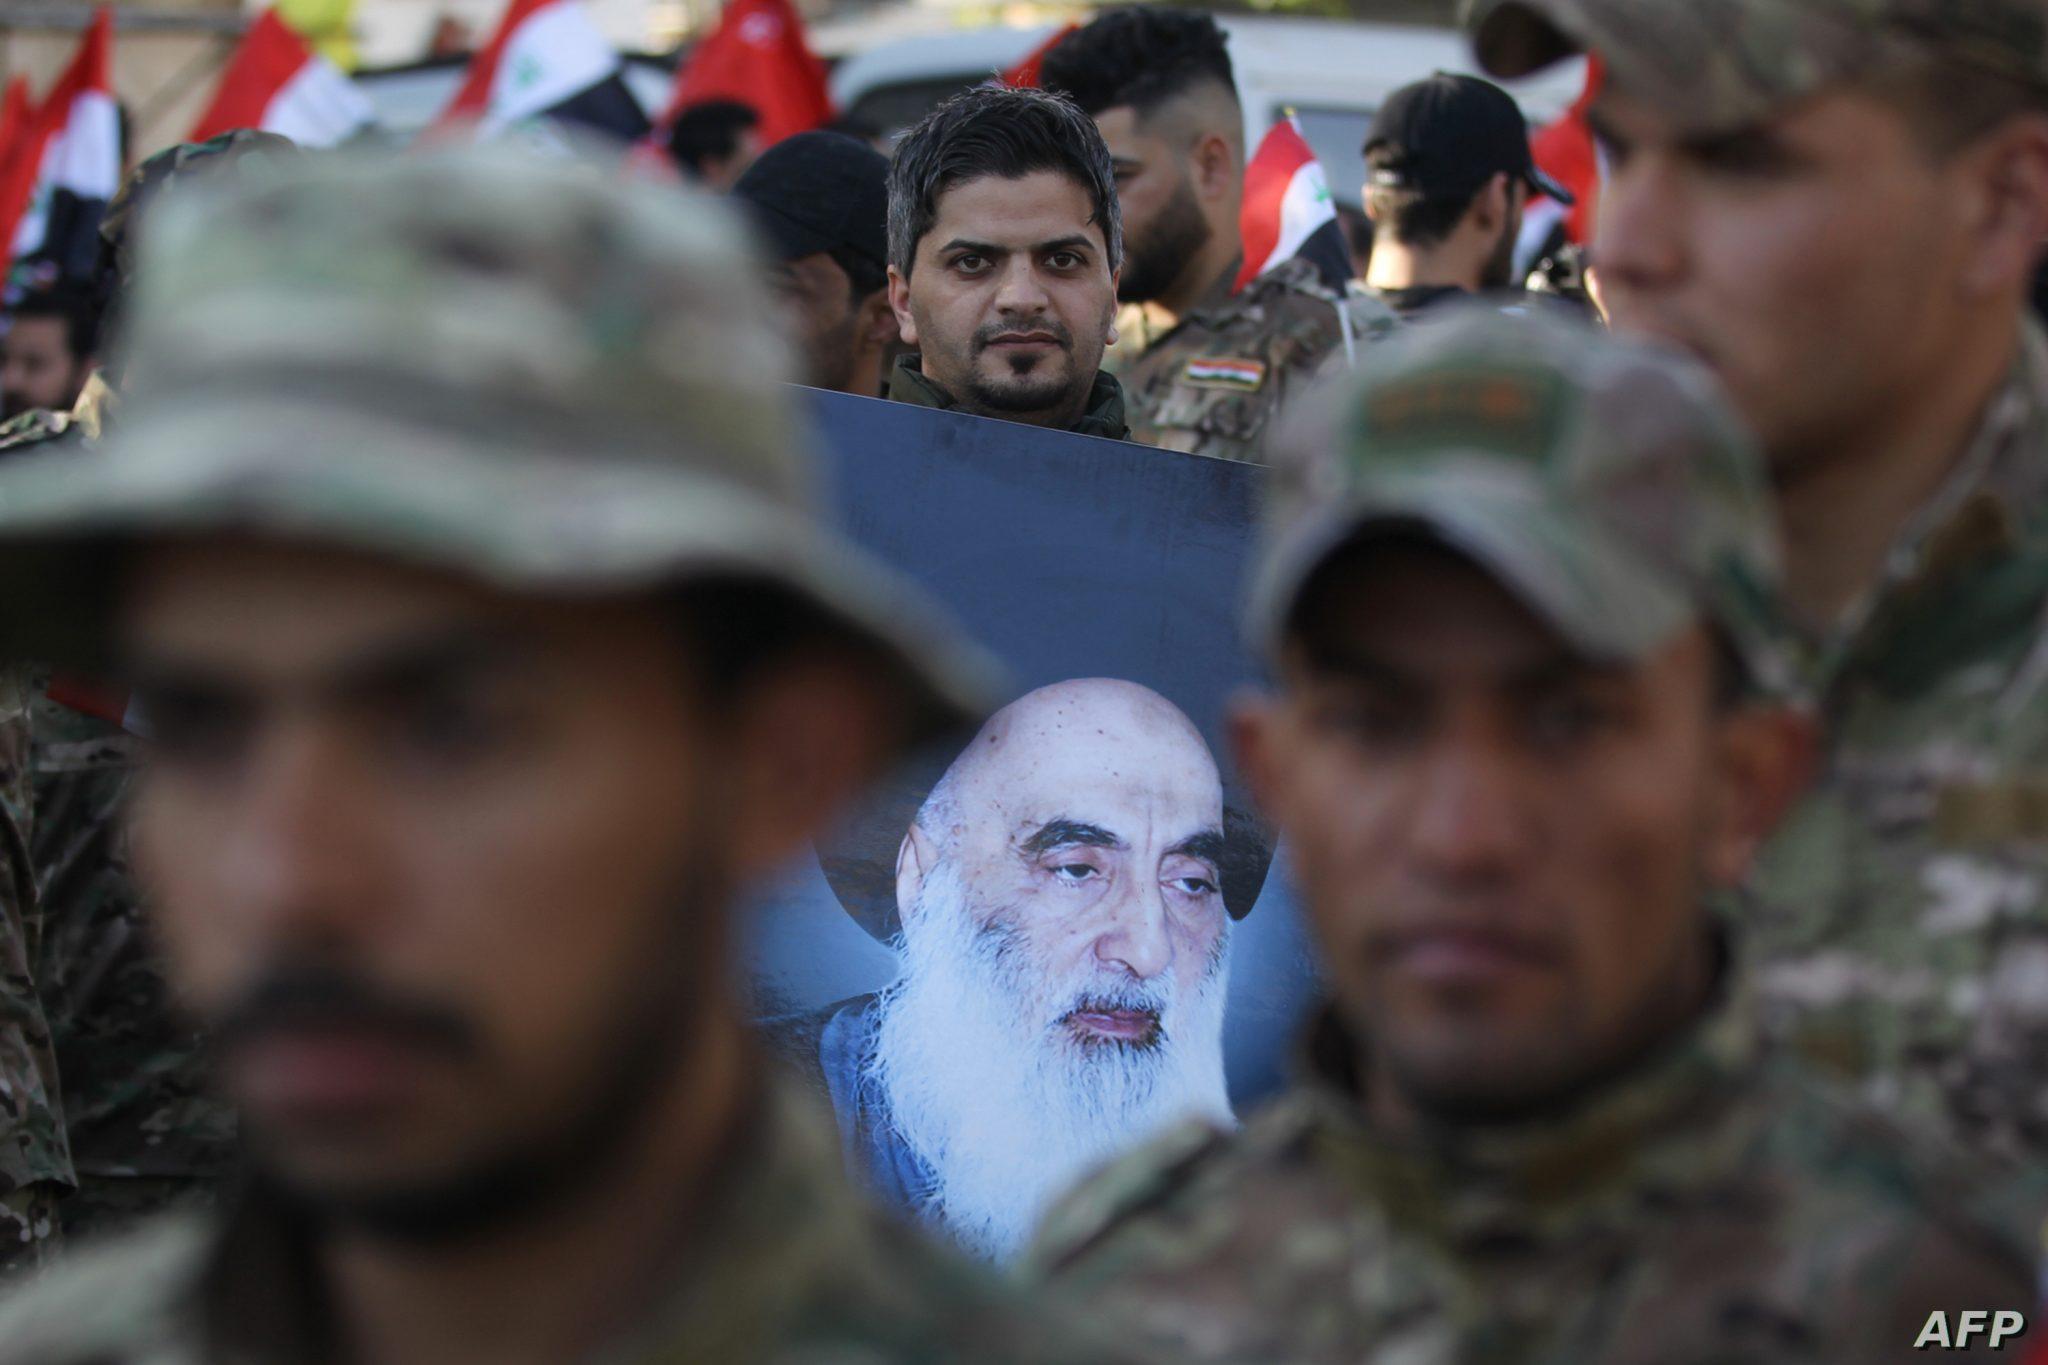 صورة لماذا تقف إيران مع أرمينيا المسـ.ـيحية وتدعم تركيا السـ.ـنية أذربيجان الشـ.ـيعية؟